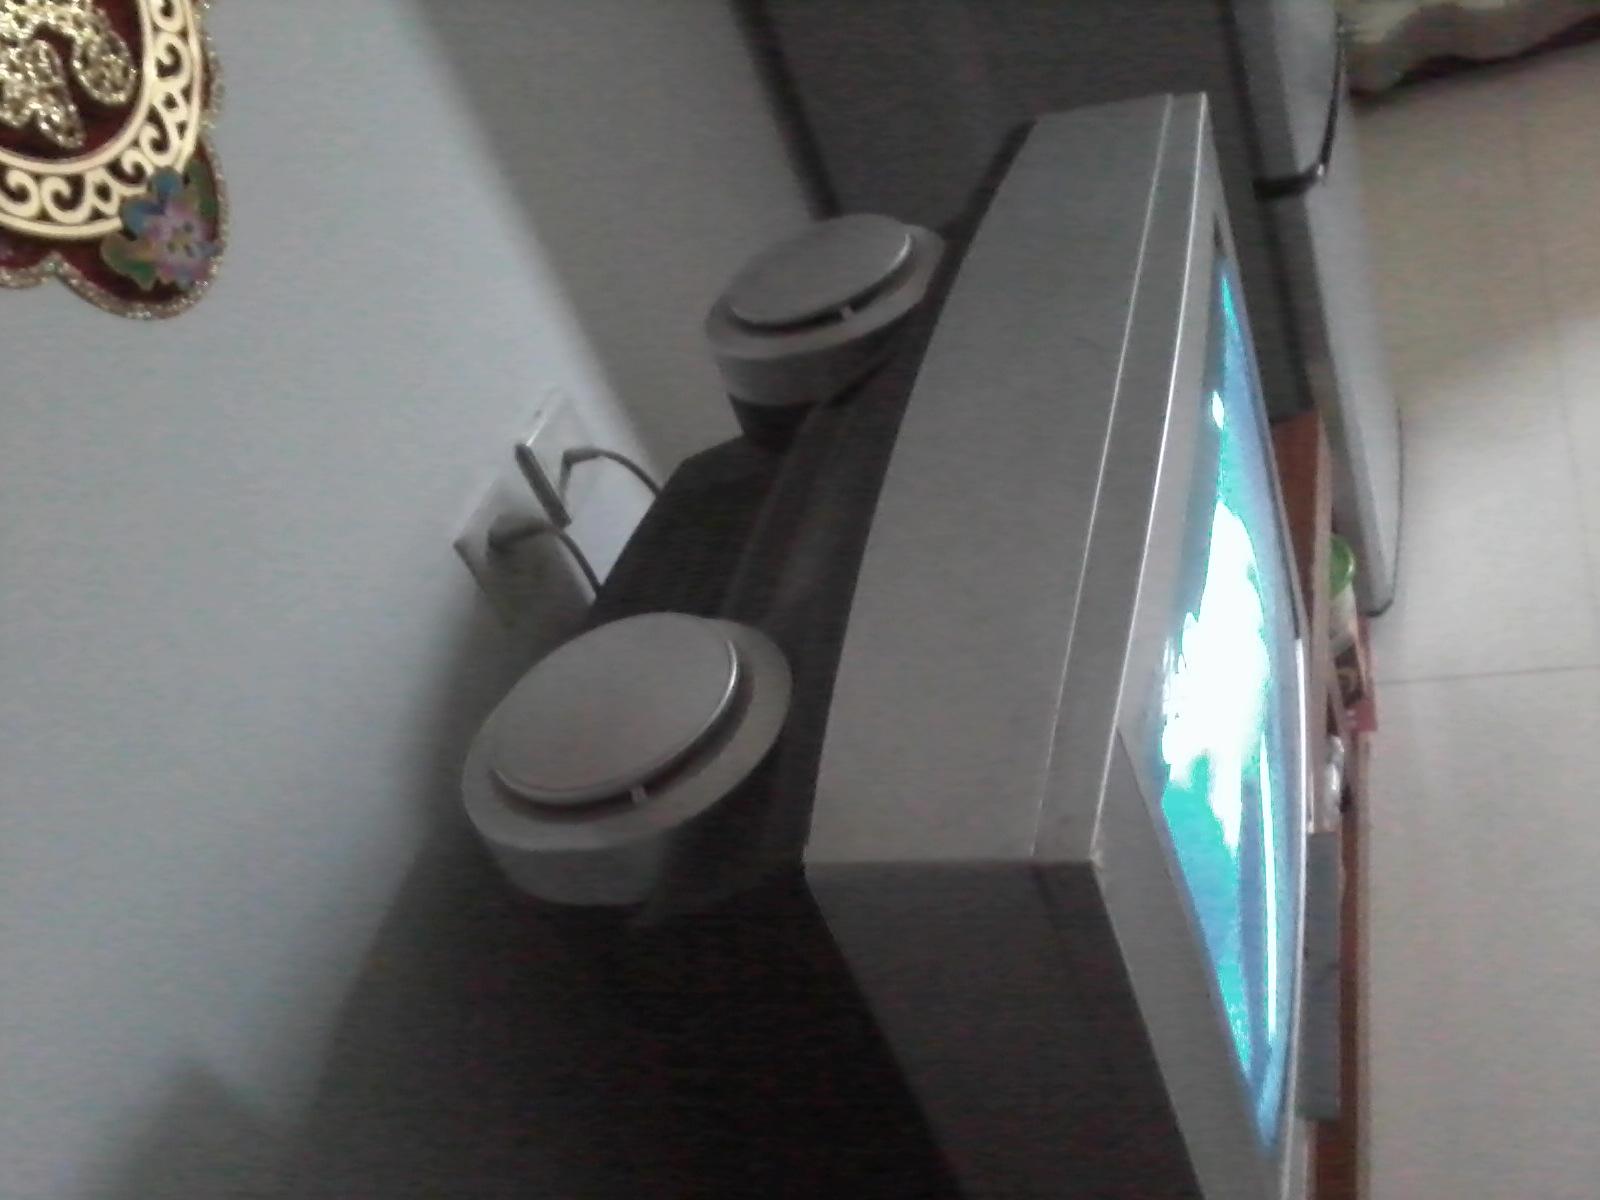 刚换了液晶电视机,闲置一台创维29寸纯平电视机色彩艳丽,环绕立体声,低音炮,使用正常!300元转让,(随机送德赛VCD一台)!电话18691451583